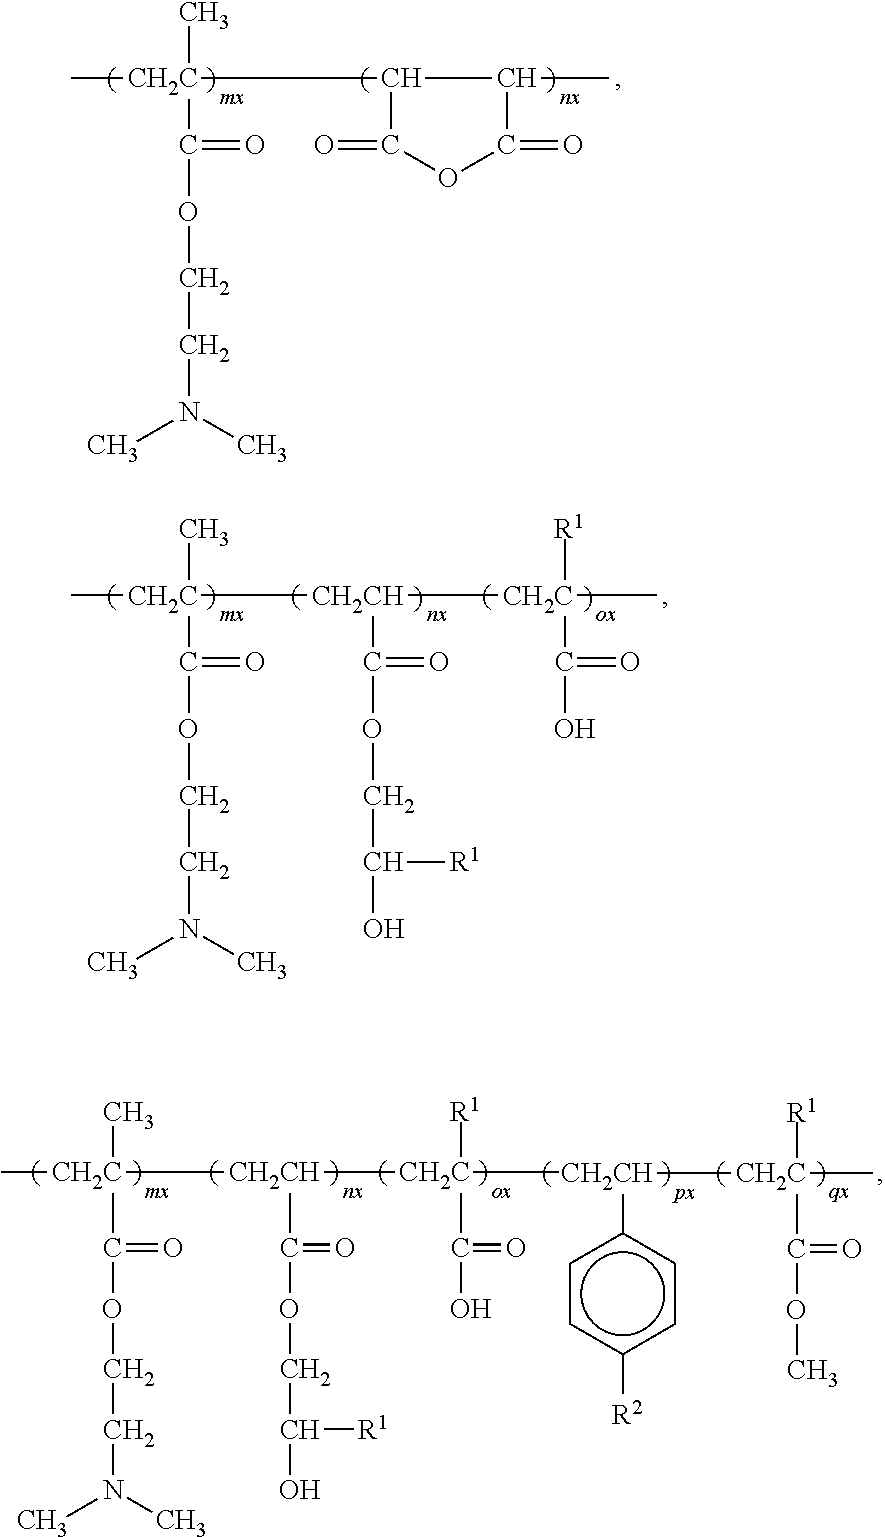 Figure US20110183852A1-20110728-C00053